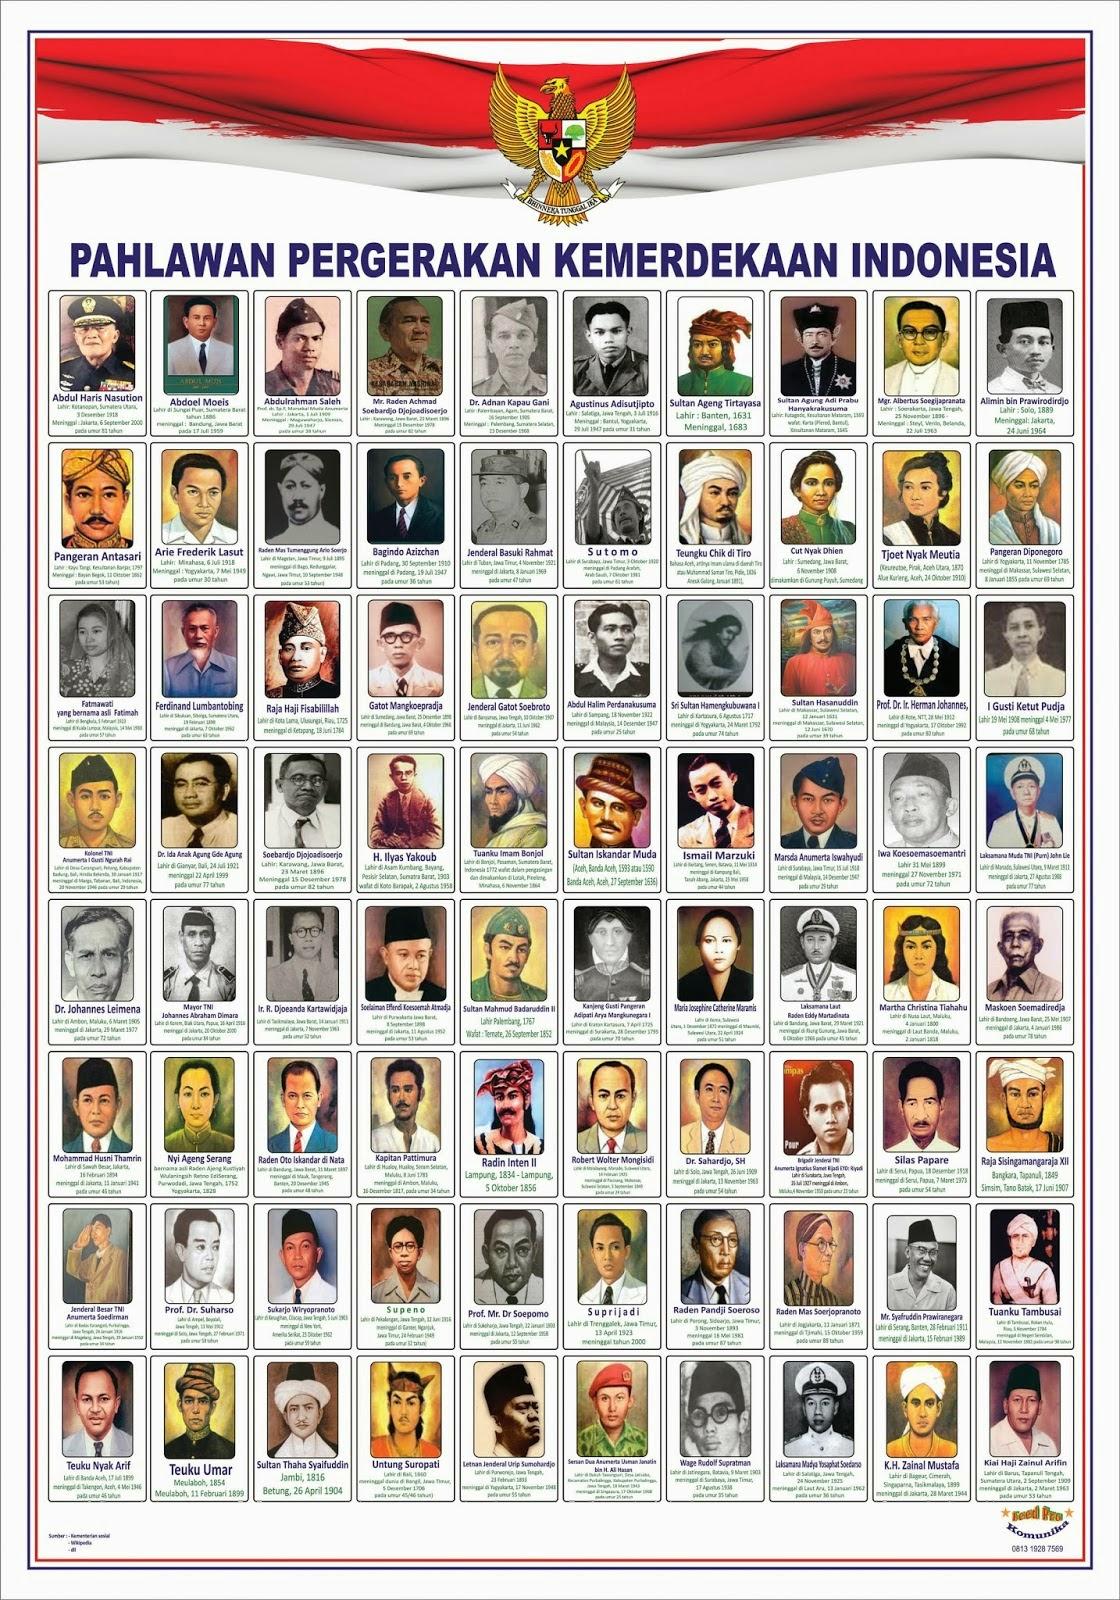 Daftar Pahlawan Pergerakan Indonesia